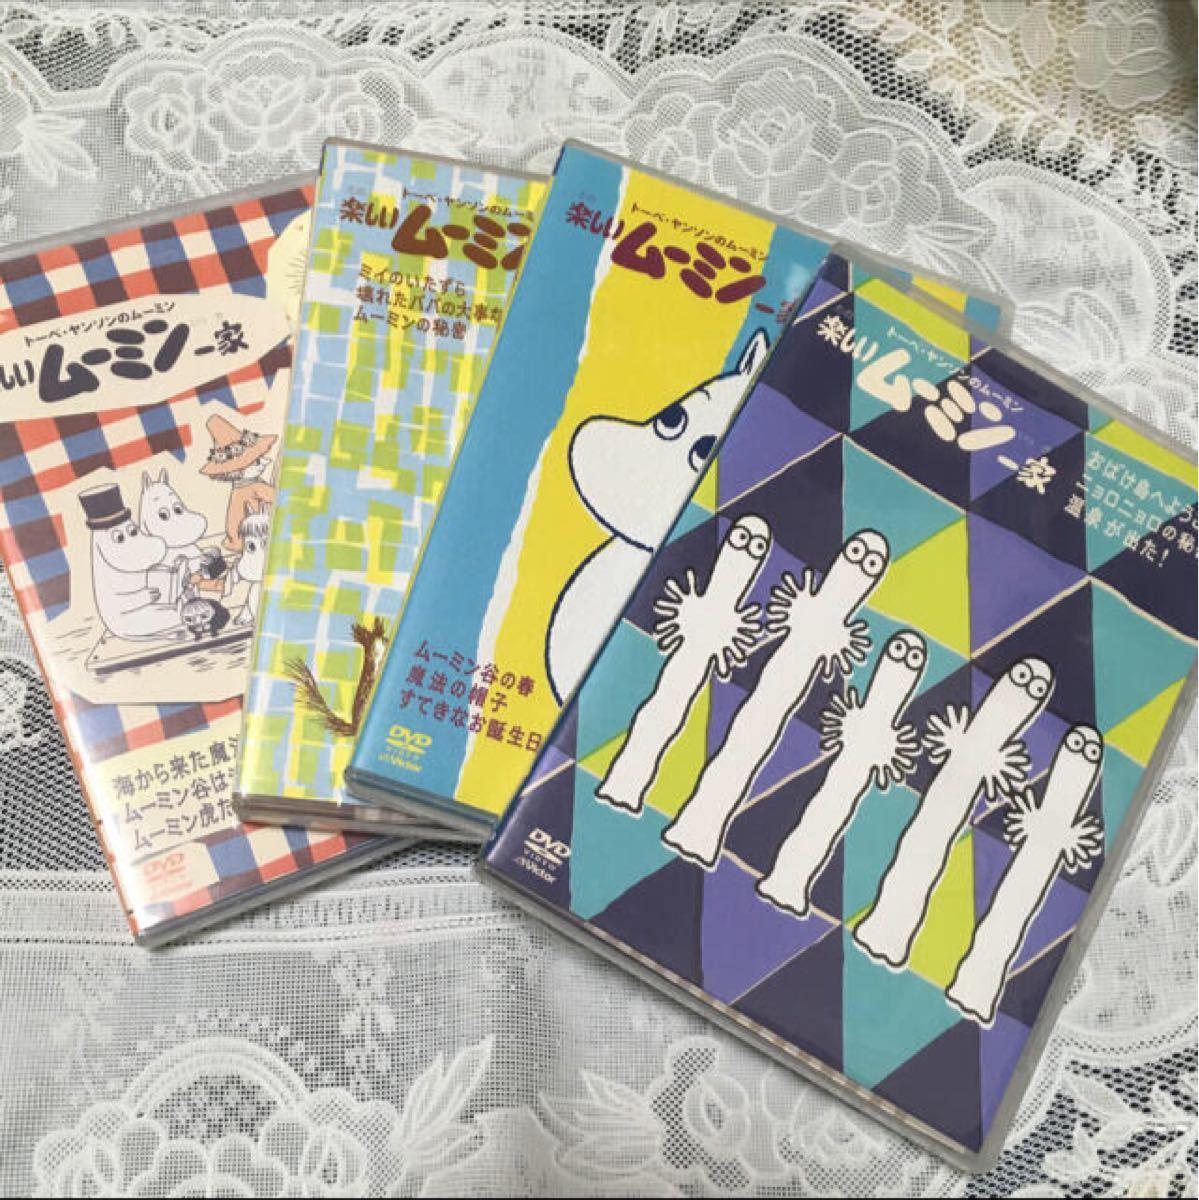 楽しいムーミン一家 DVD アニメ ムーミン スナフキン リトルミイ 楽しい ムーミン 一家 まとめ売り まとめ